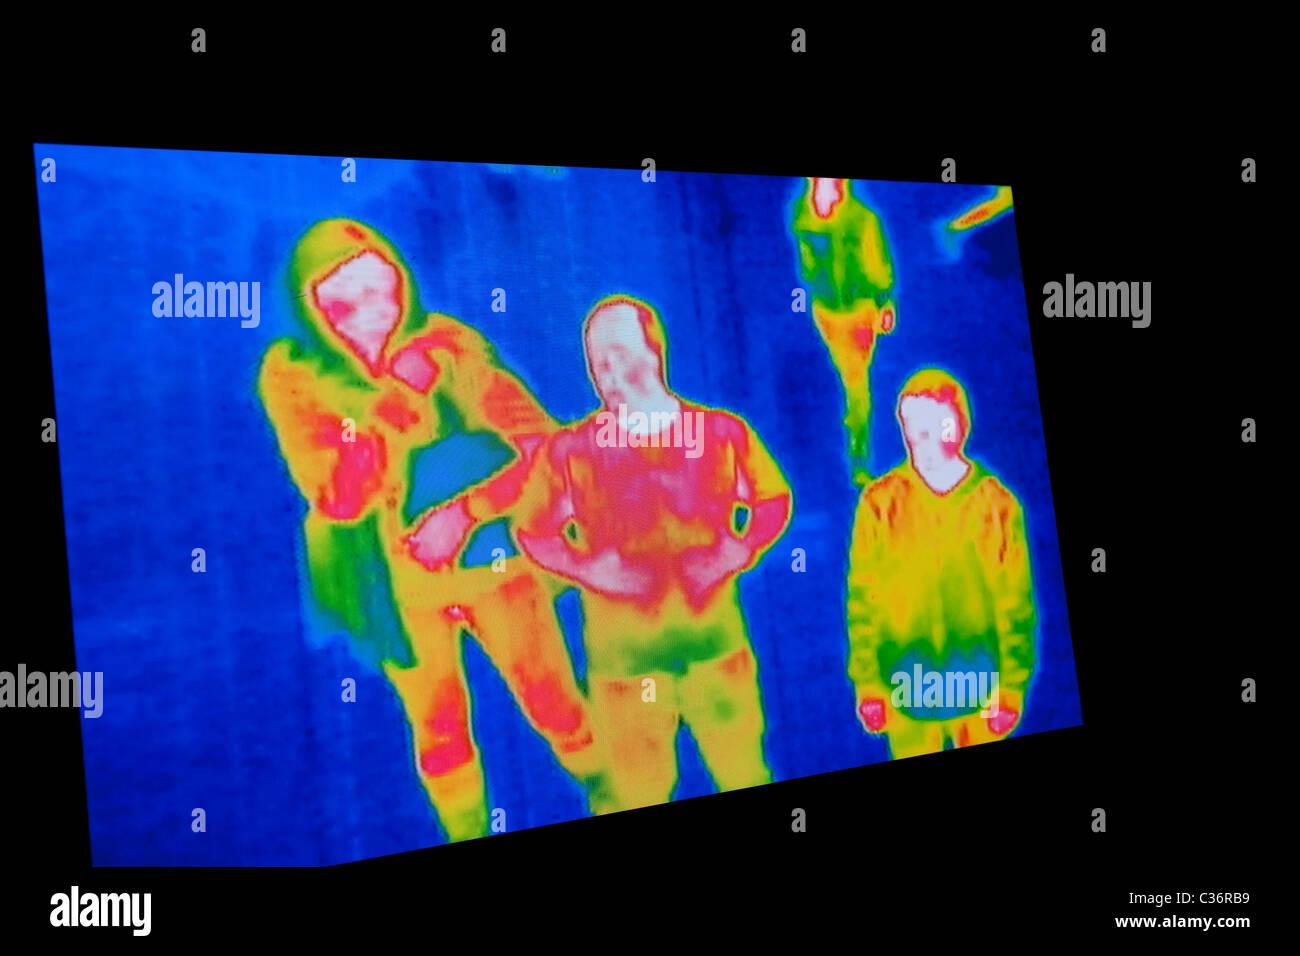 Foto di immagine termica schermo per lo sfondo Immagini Stock